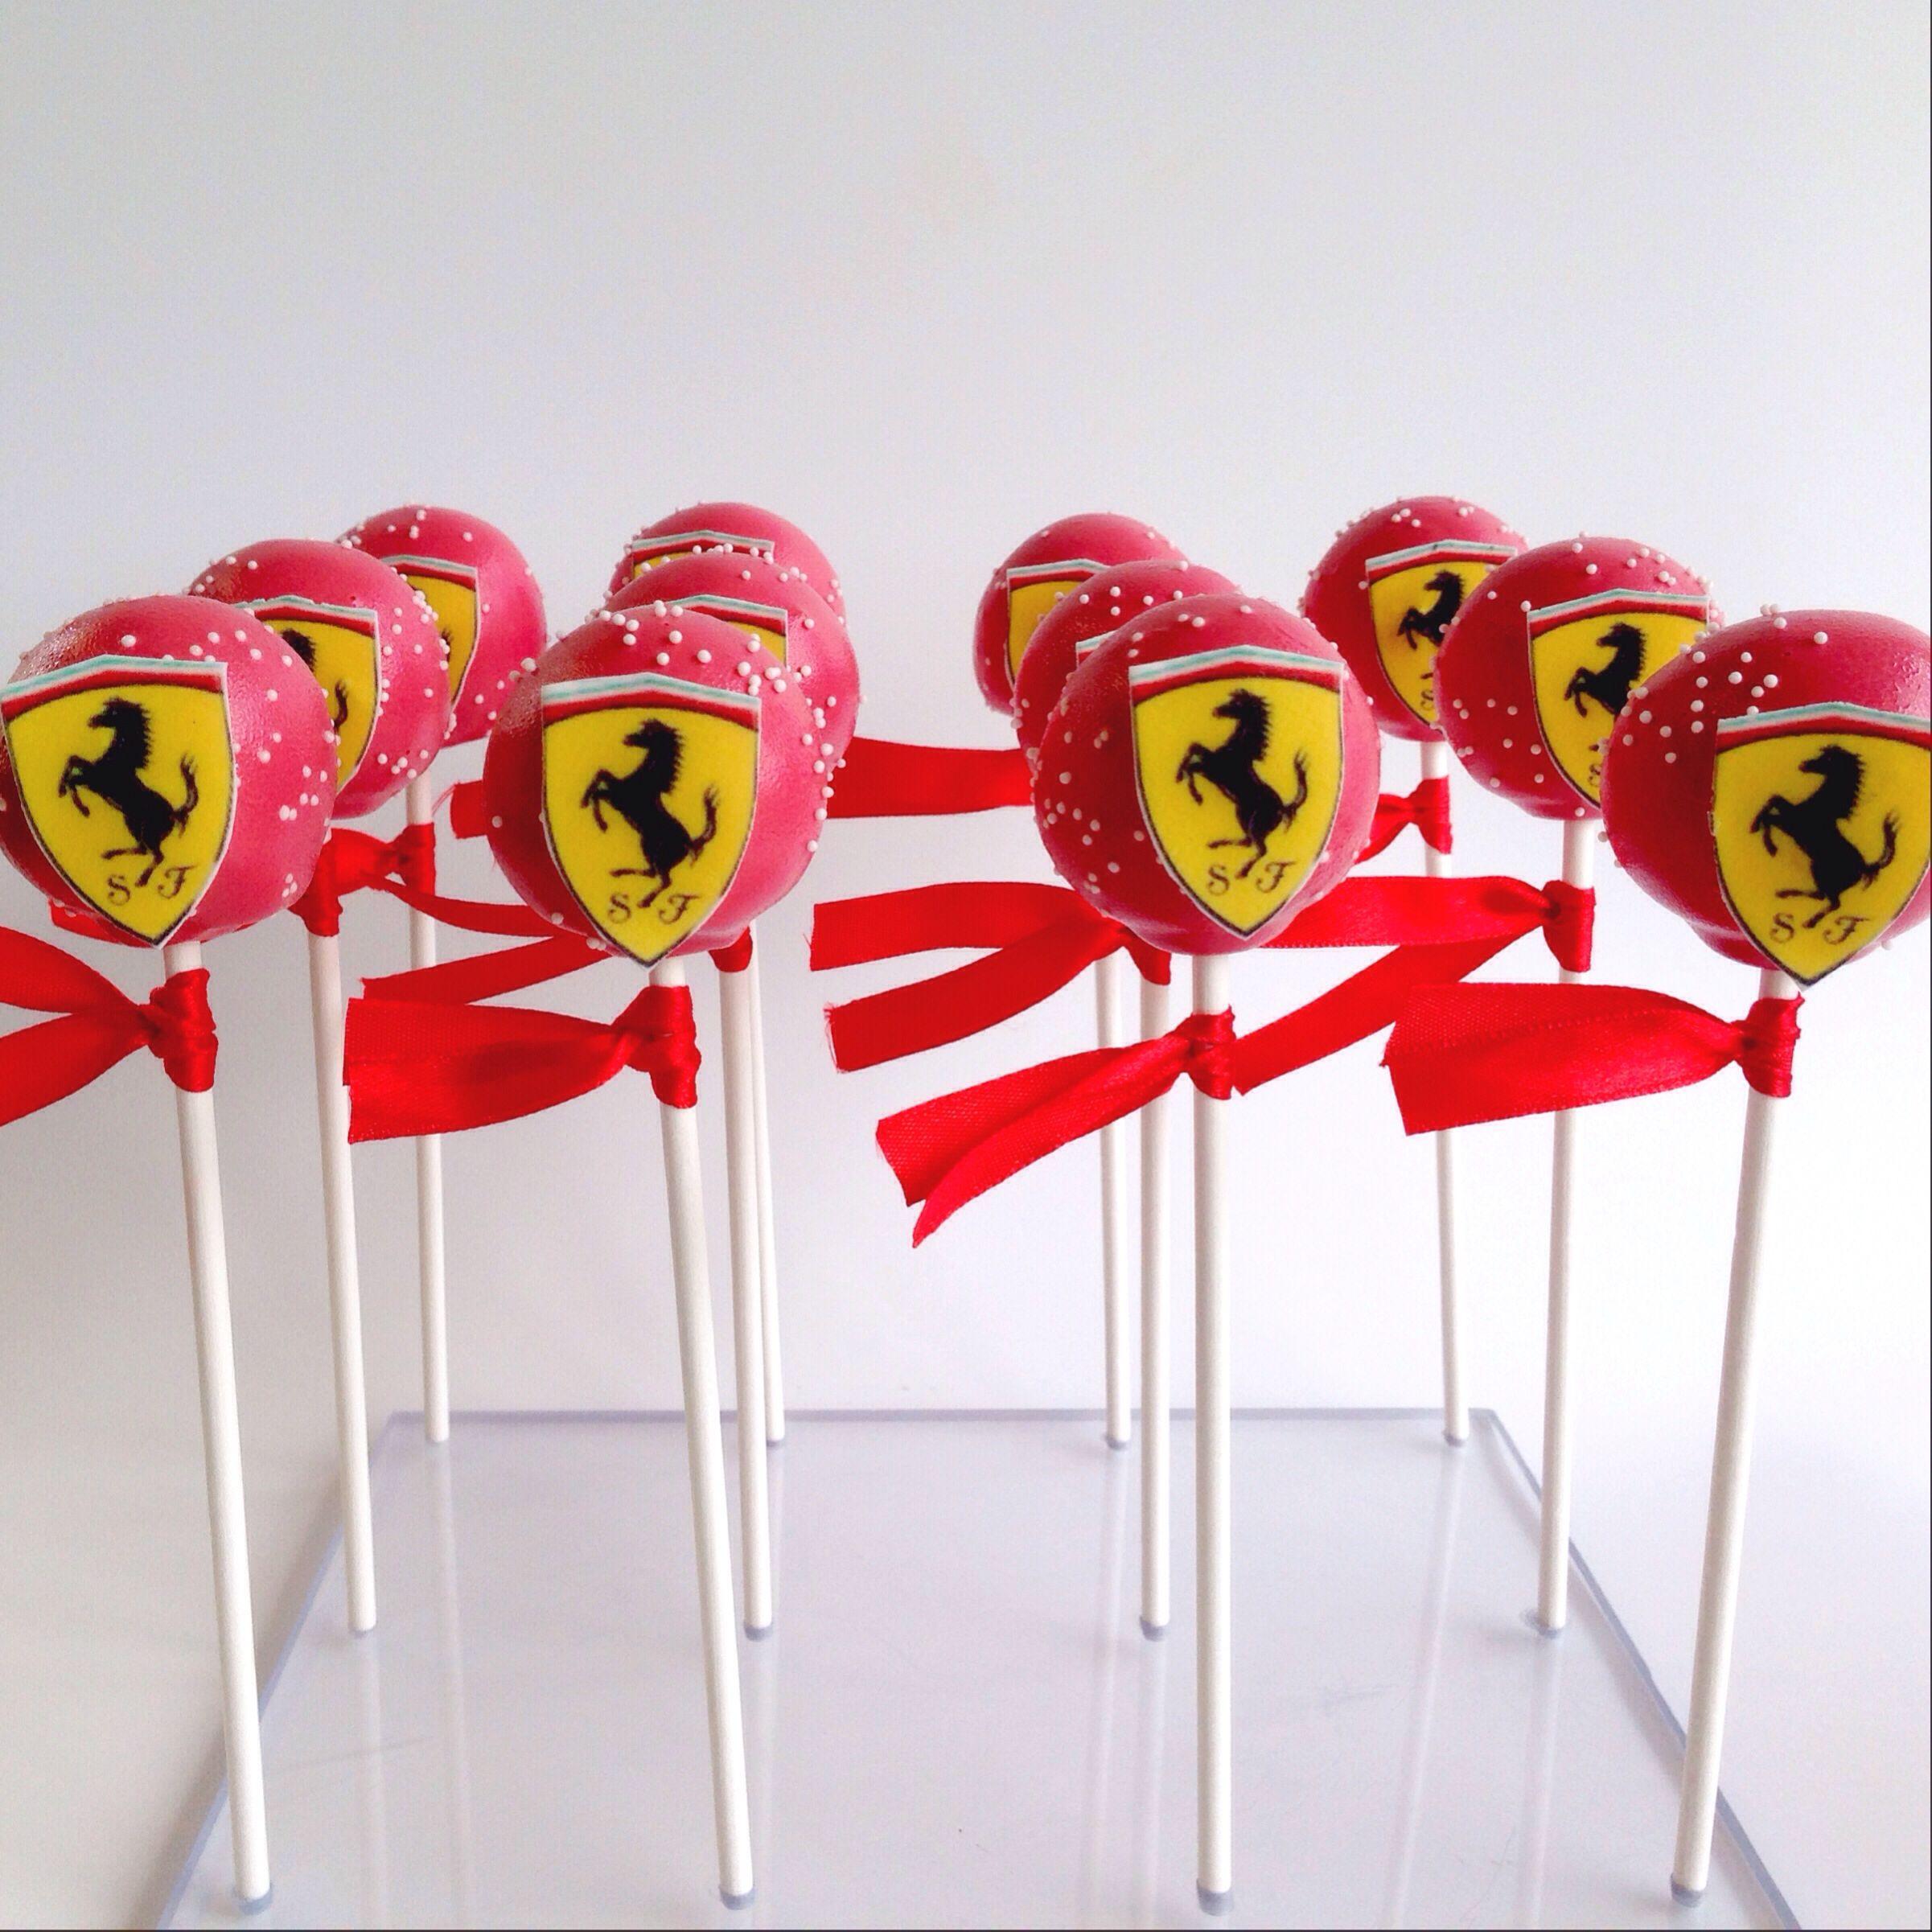 Ferrari Themed Cake Pops